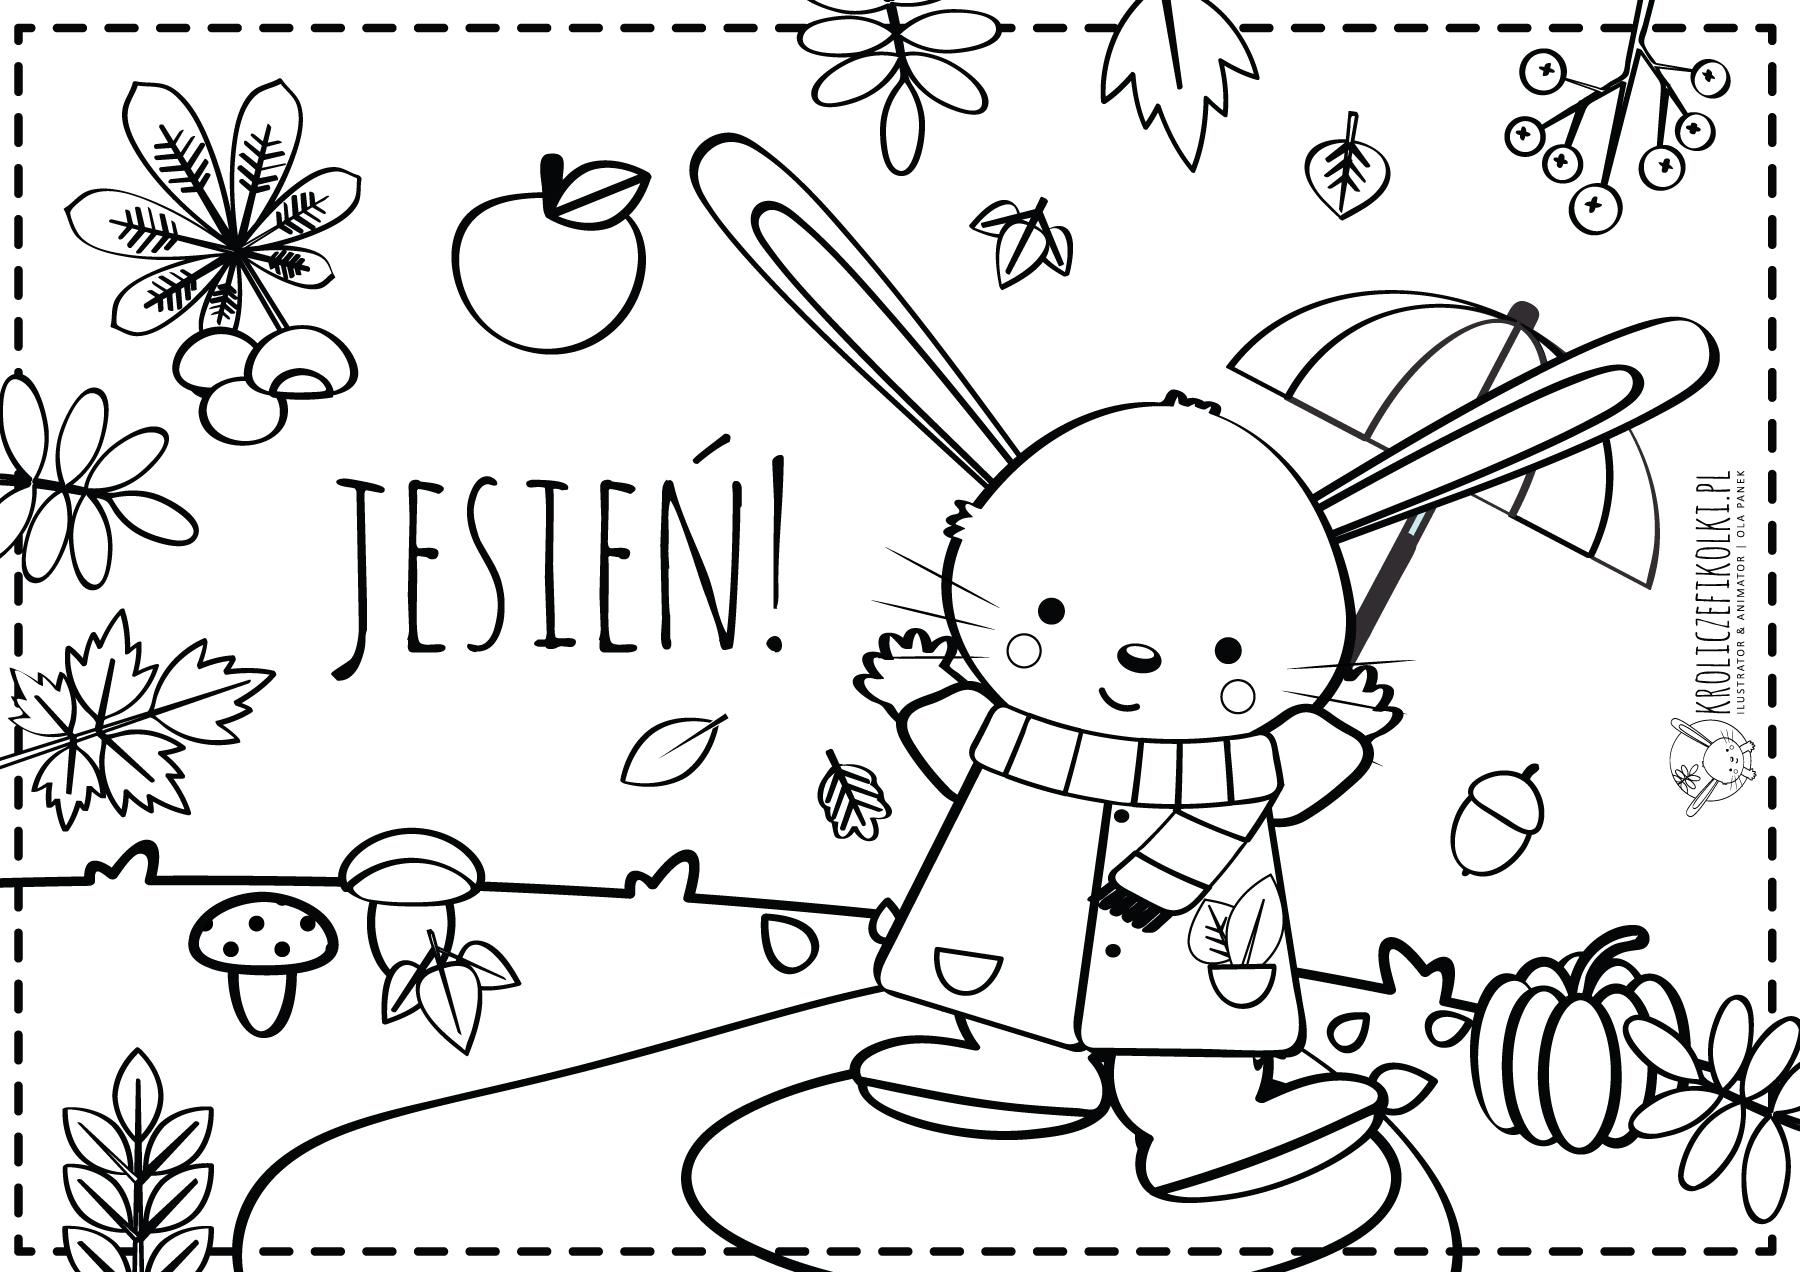 kolorowanki jesie jesienna kolorowanka z królikiem fikołkiem królicze fikołki jesie kolorowanki